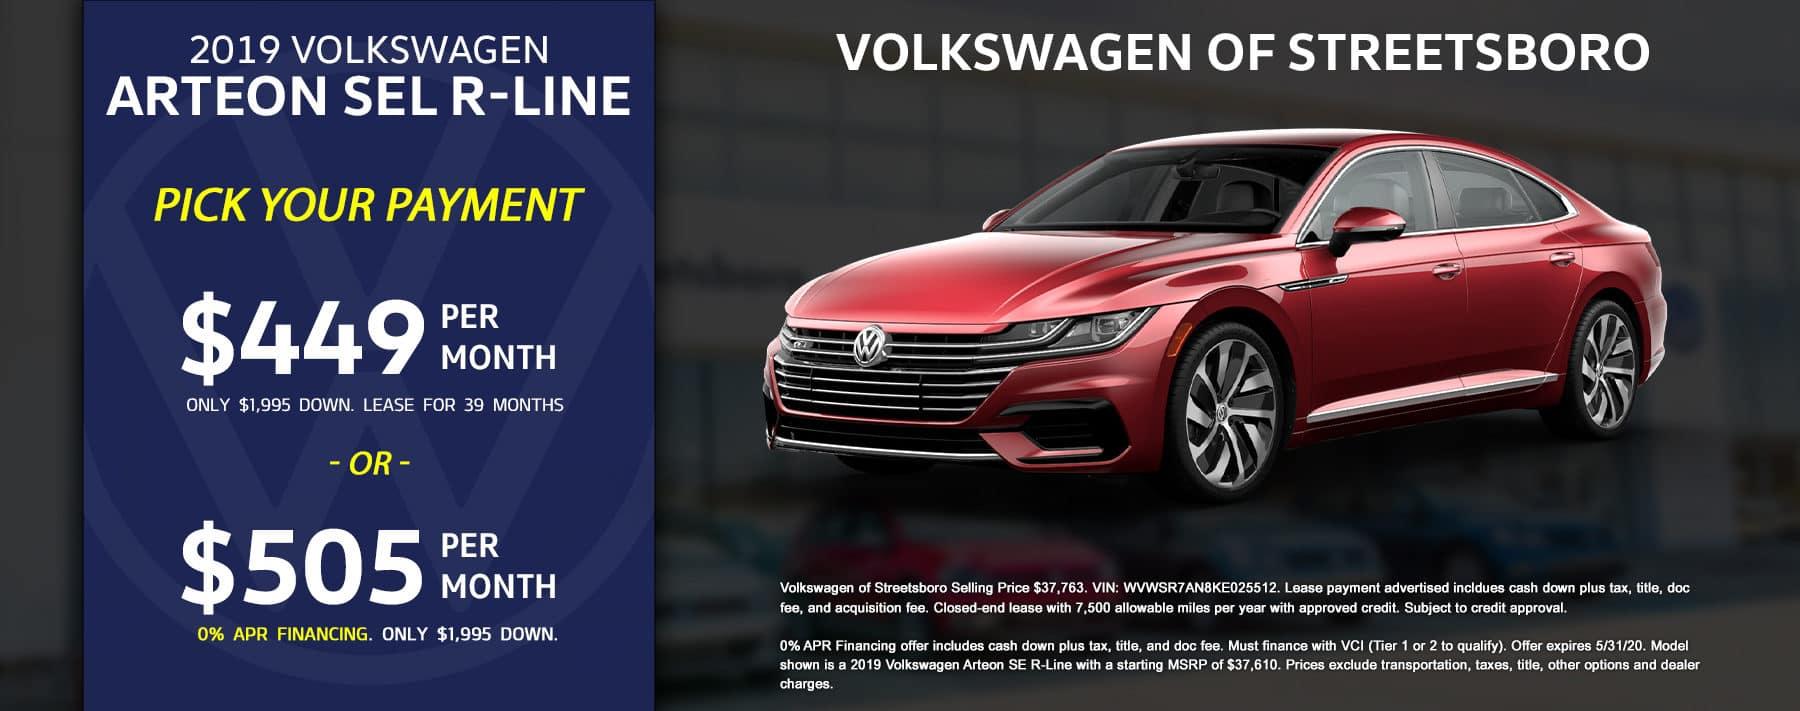 2019 VW Arteon - May 2020